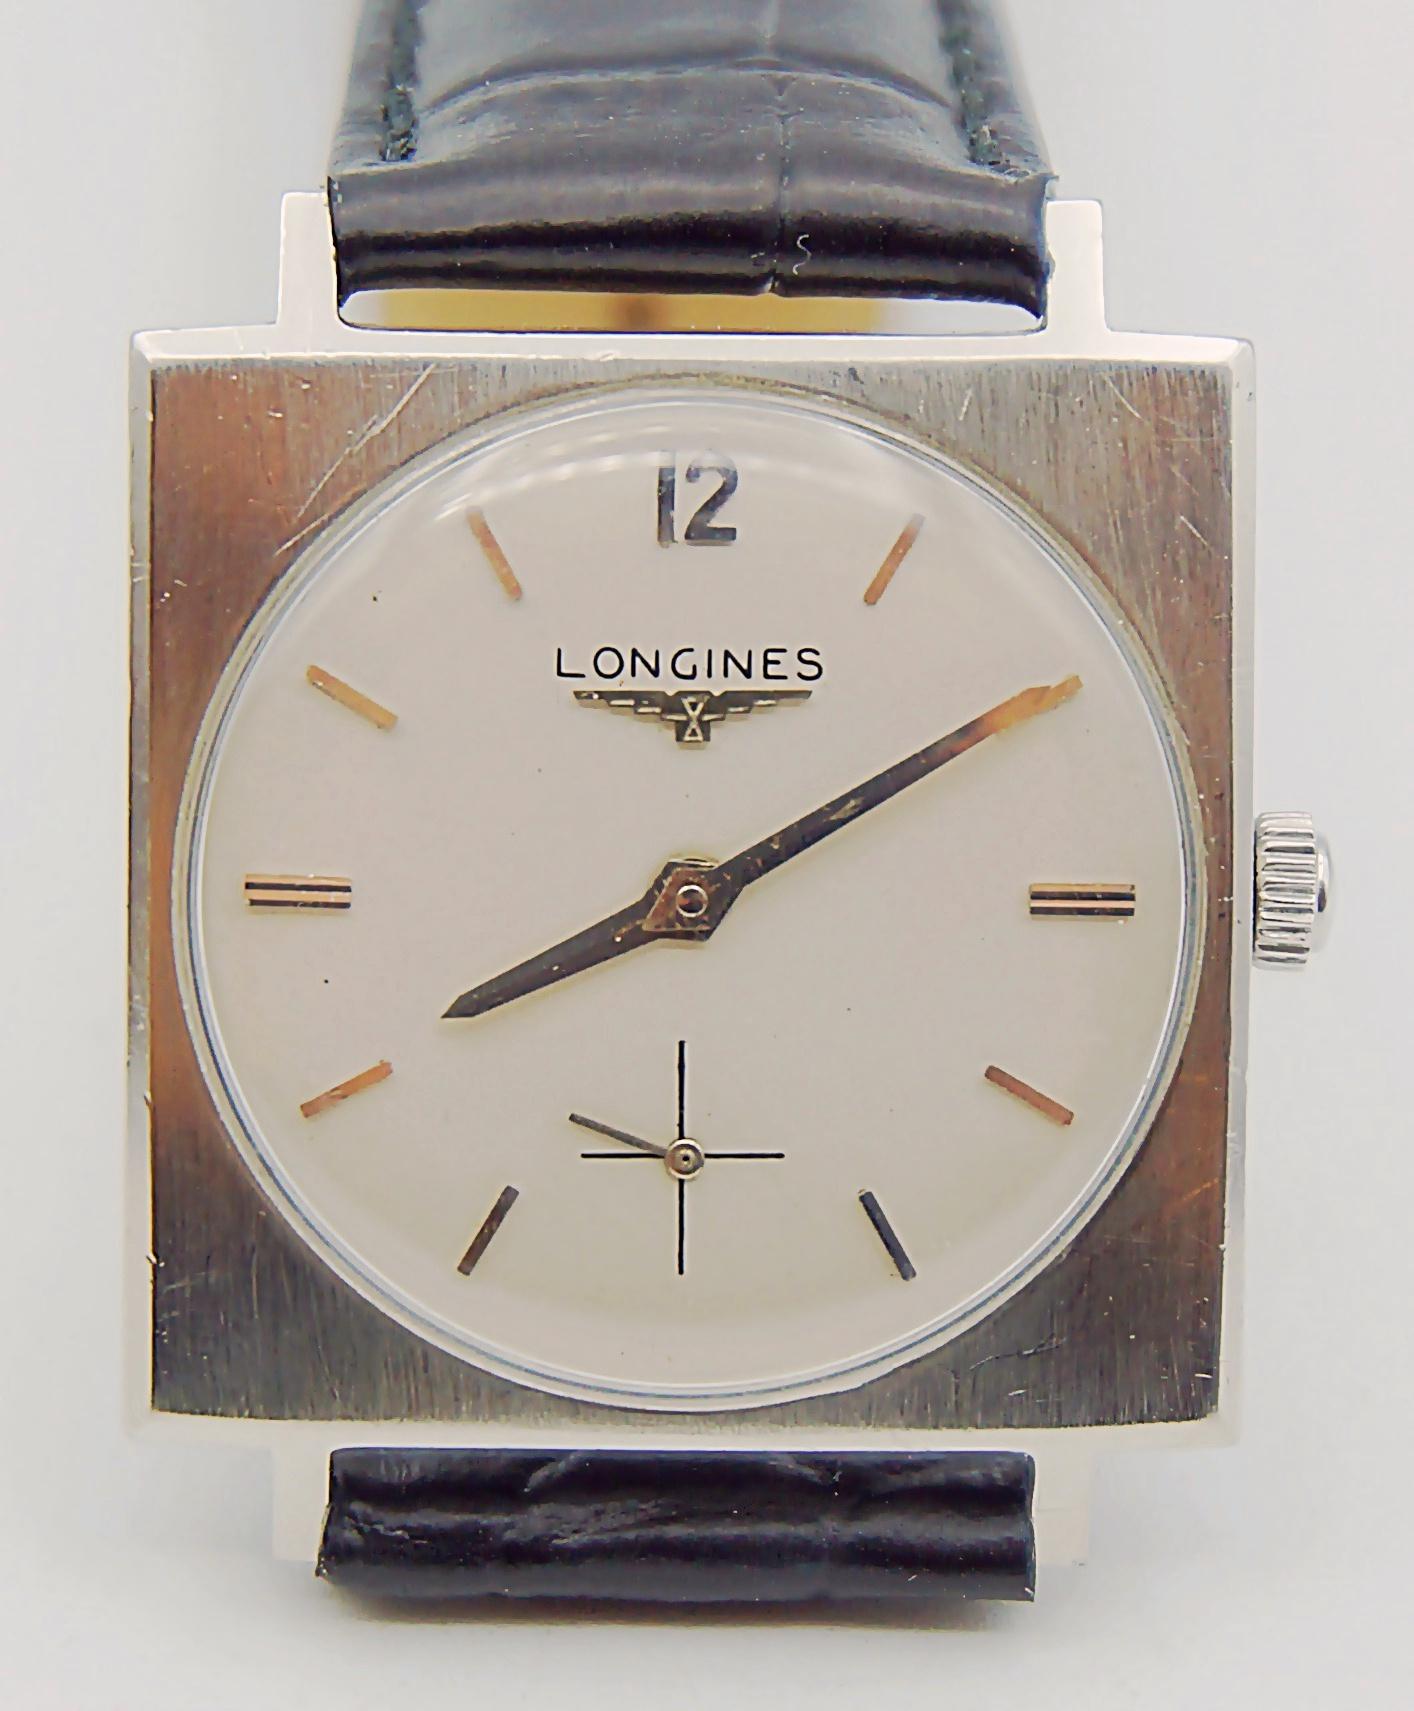 นาฬิกาเก่า LONGINES ไขลาน สองเข็มครึ่ง